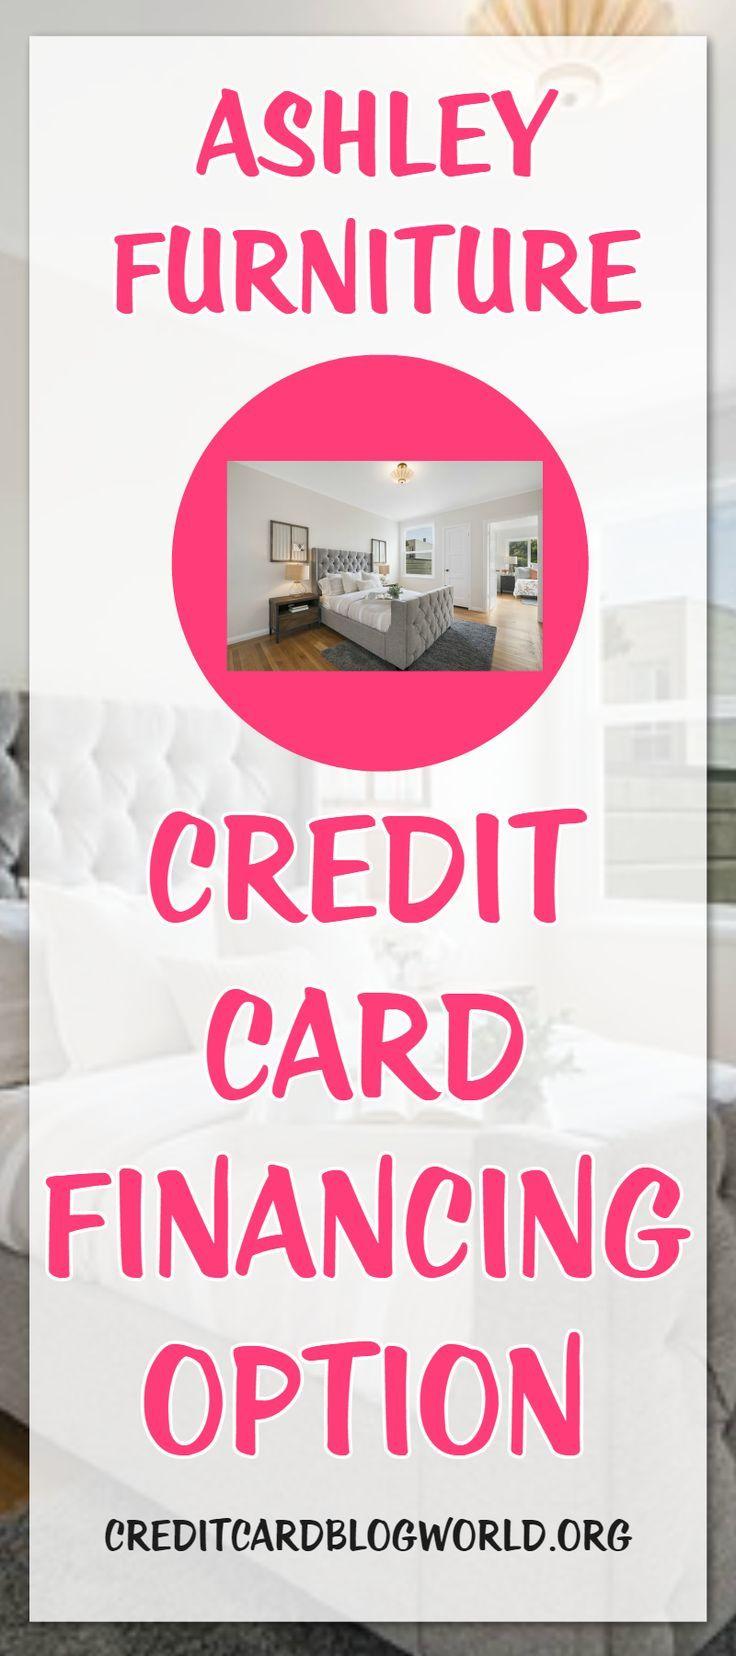 Ashley Advantage Card Login : ashley, advantage, login, Ashley, Furniture, Credit, Login